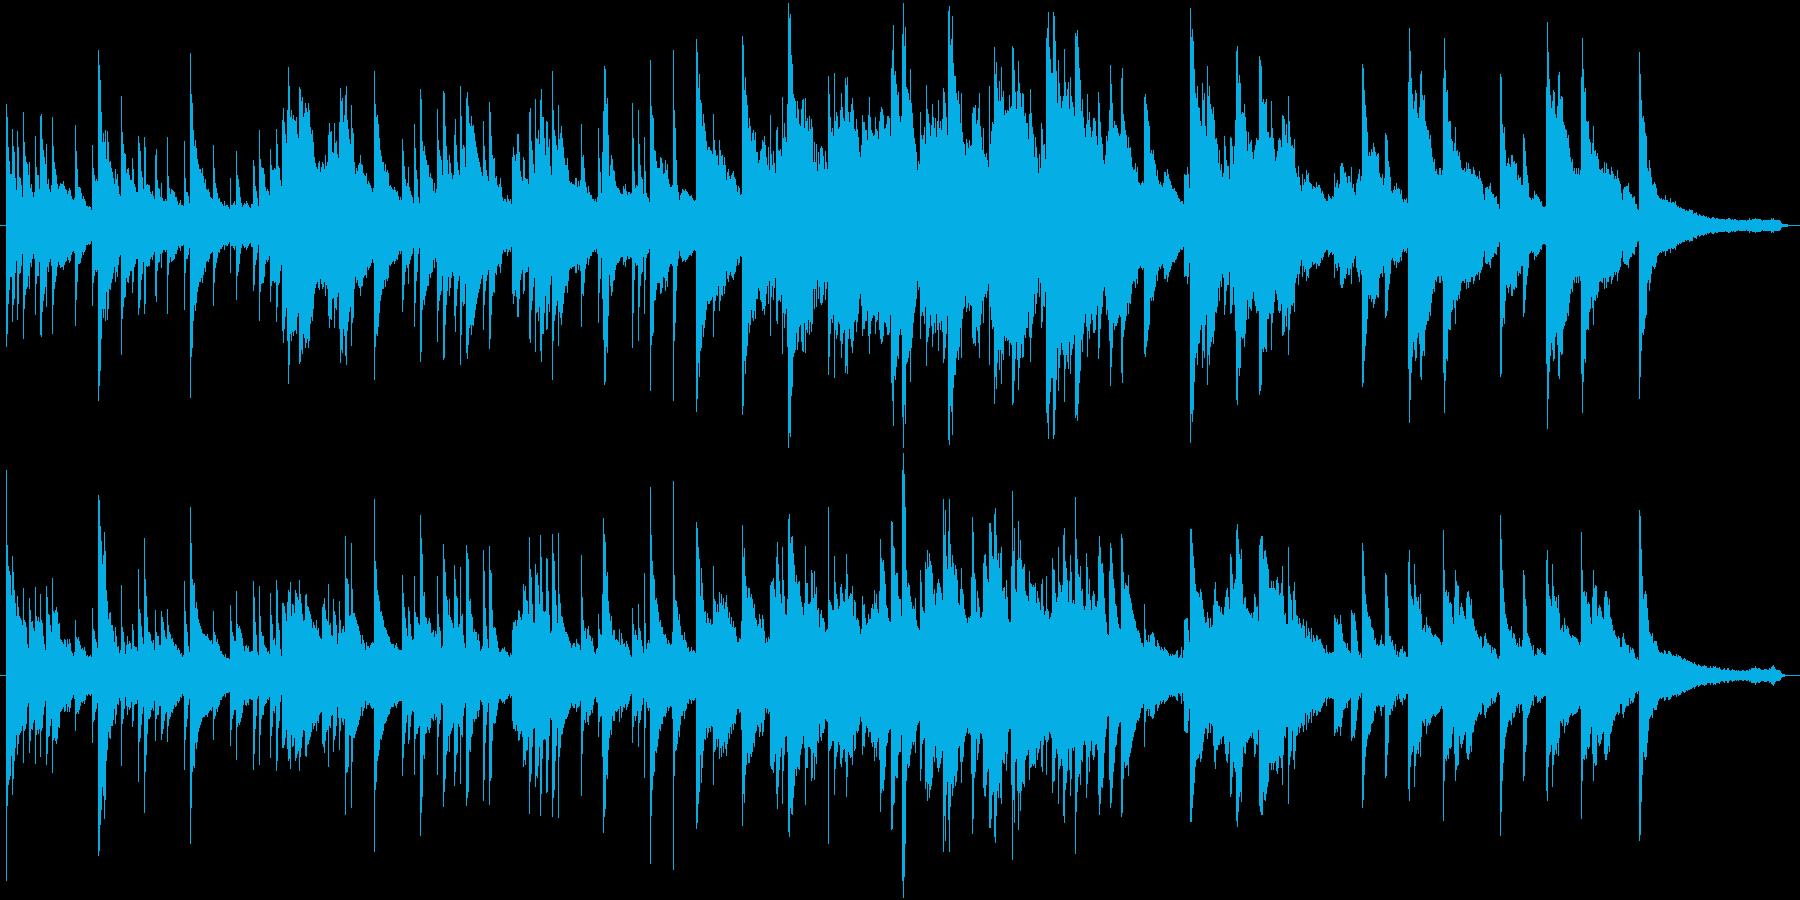 夢みるような気持ちのピアノ曲。の再生済みの波形